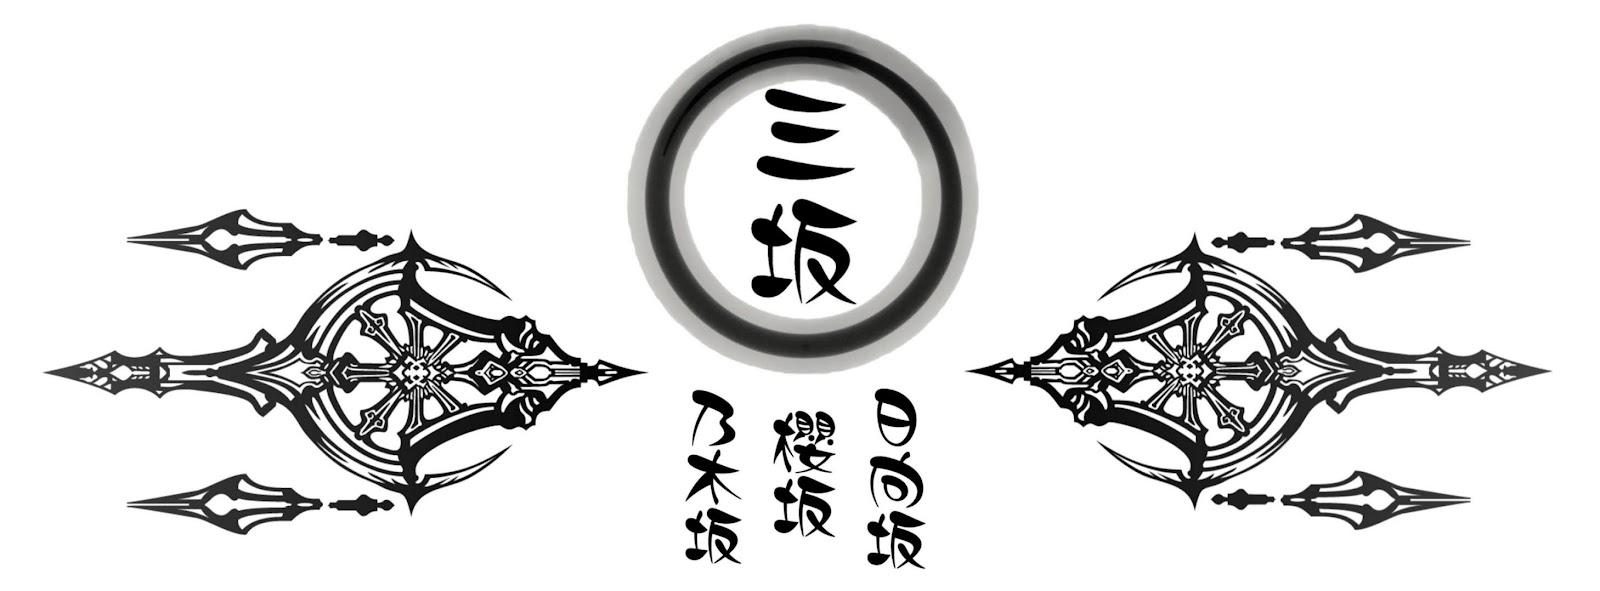 Misaka46